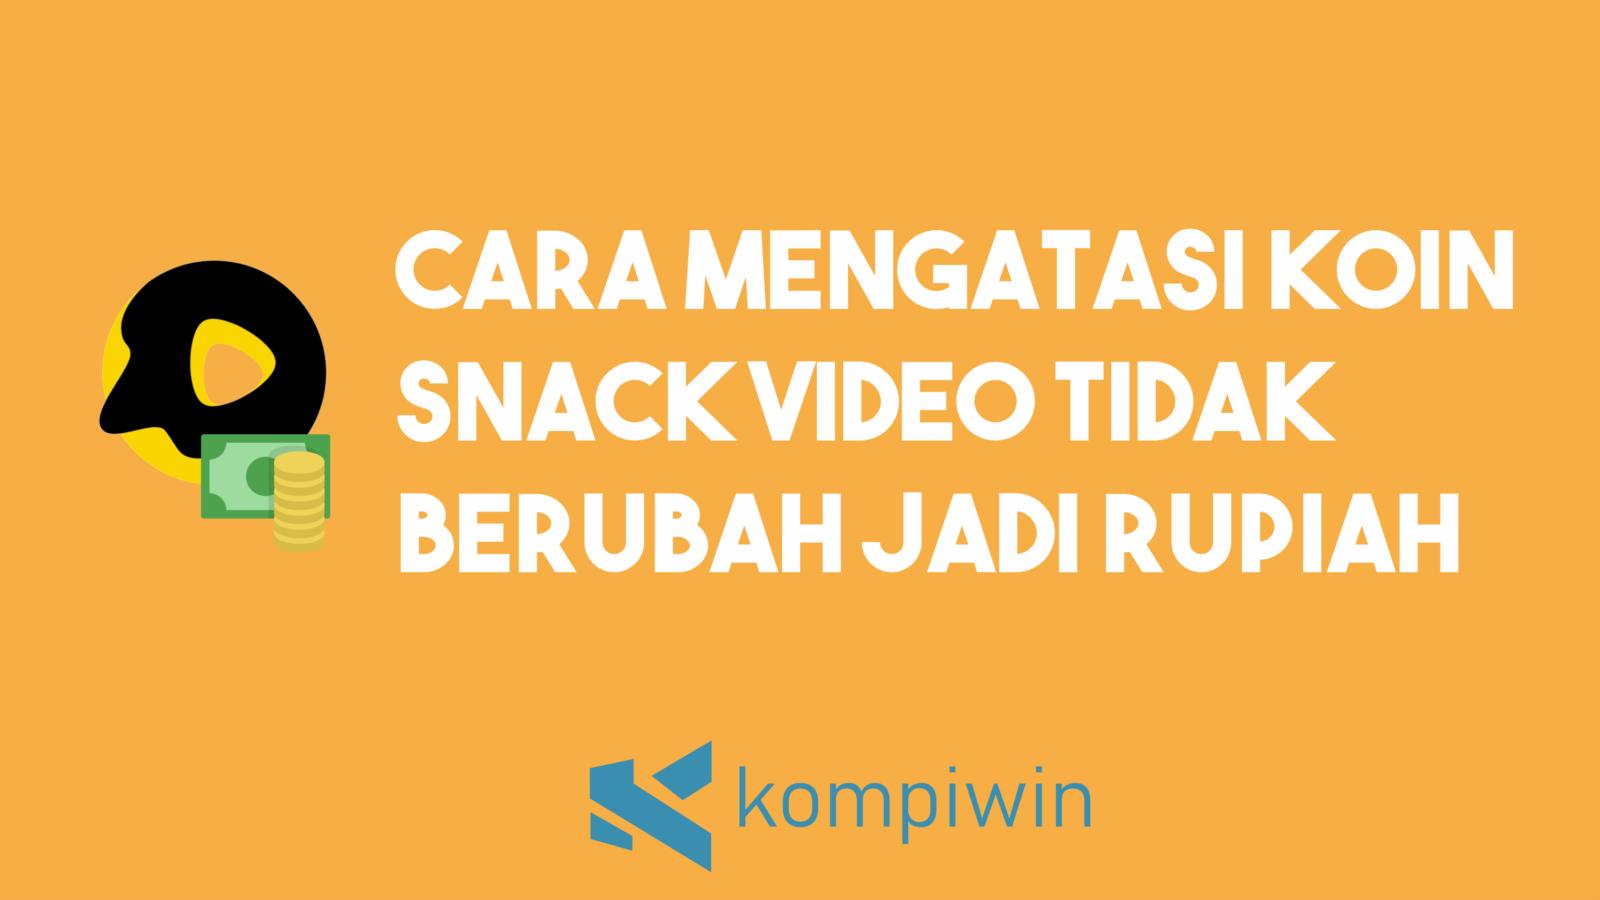 Cara Mengatasi Koin Snack Video Tidak Berubah Jadi Saldo Rupiah 7